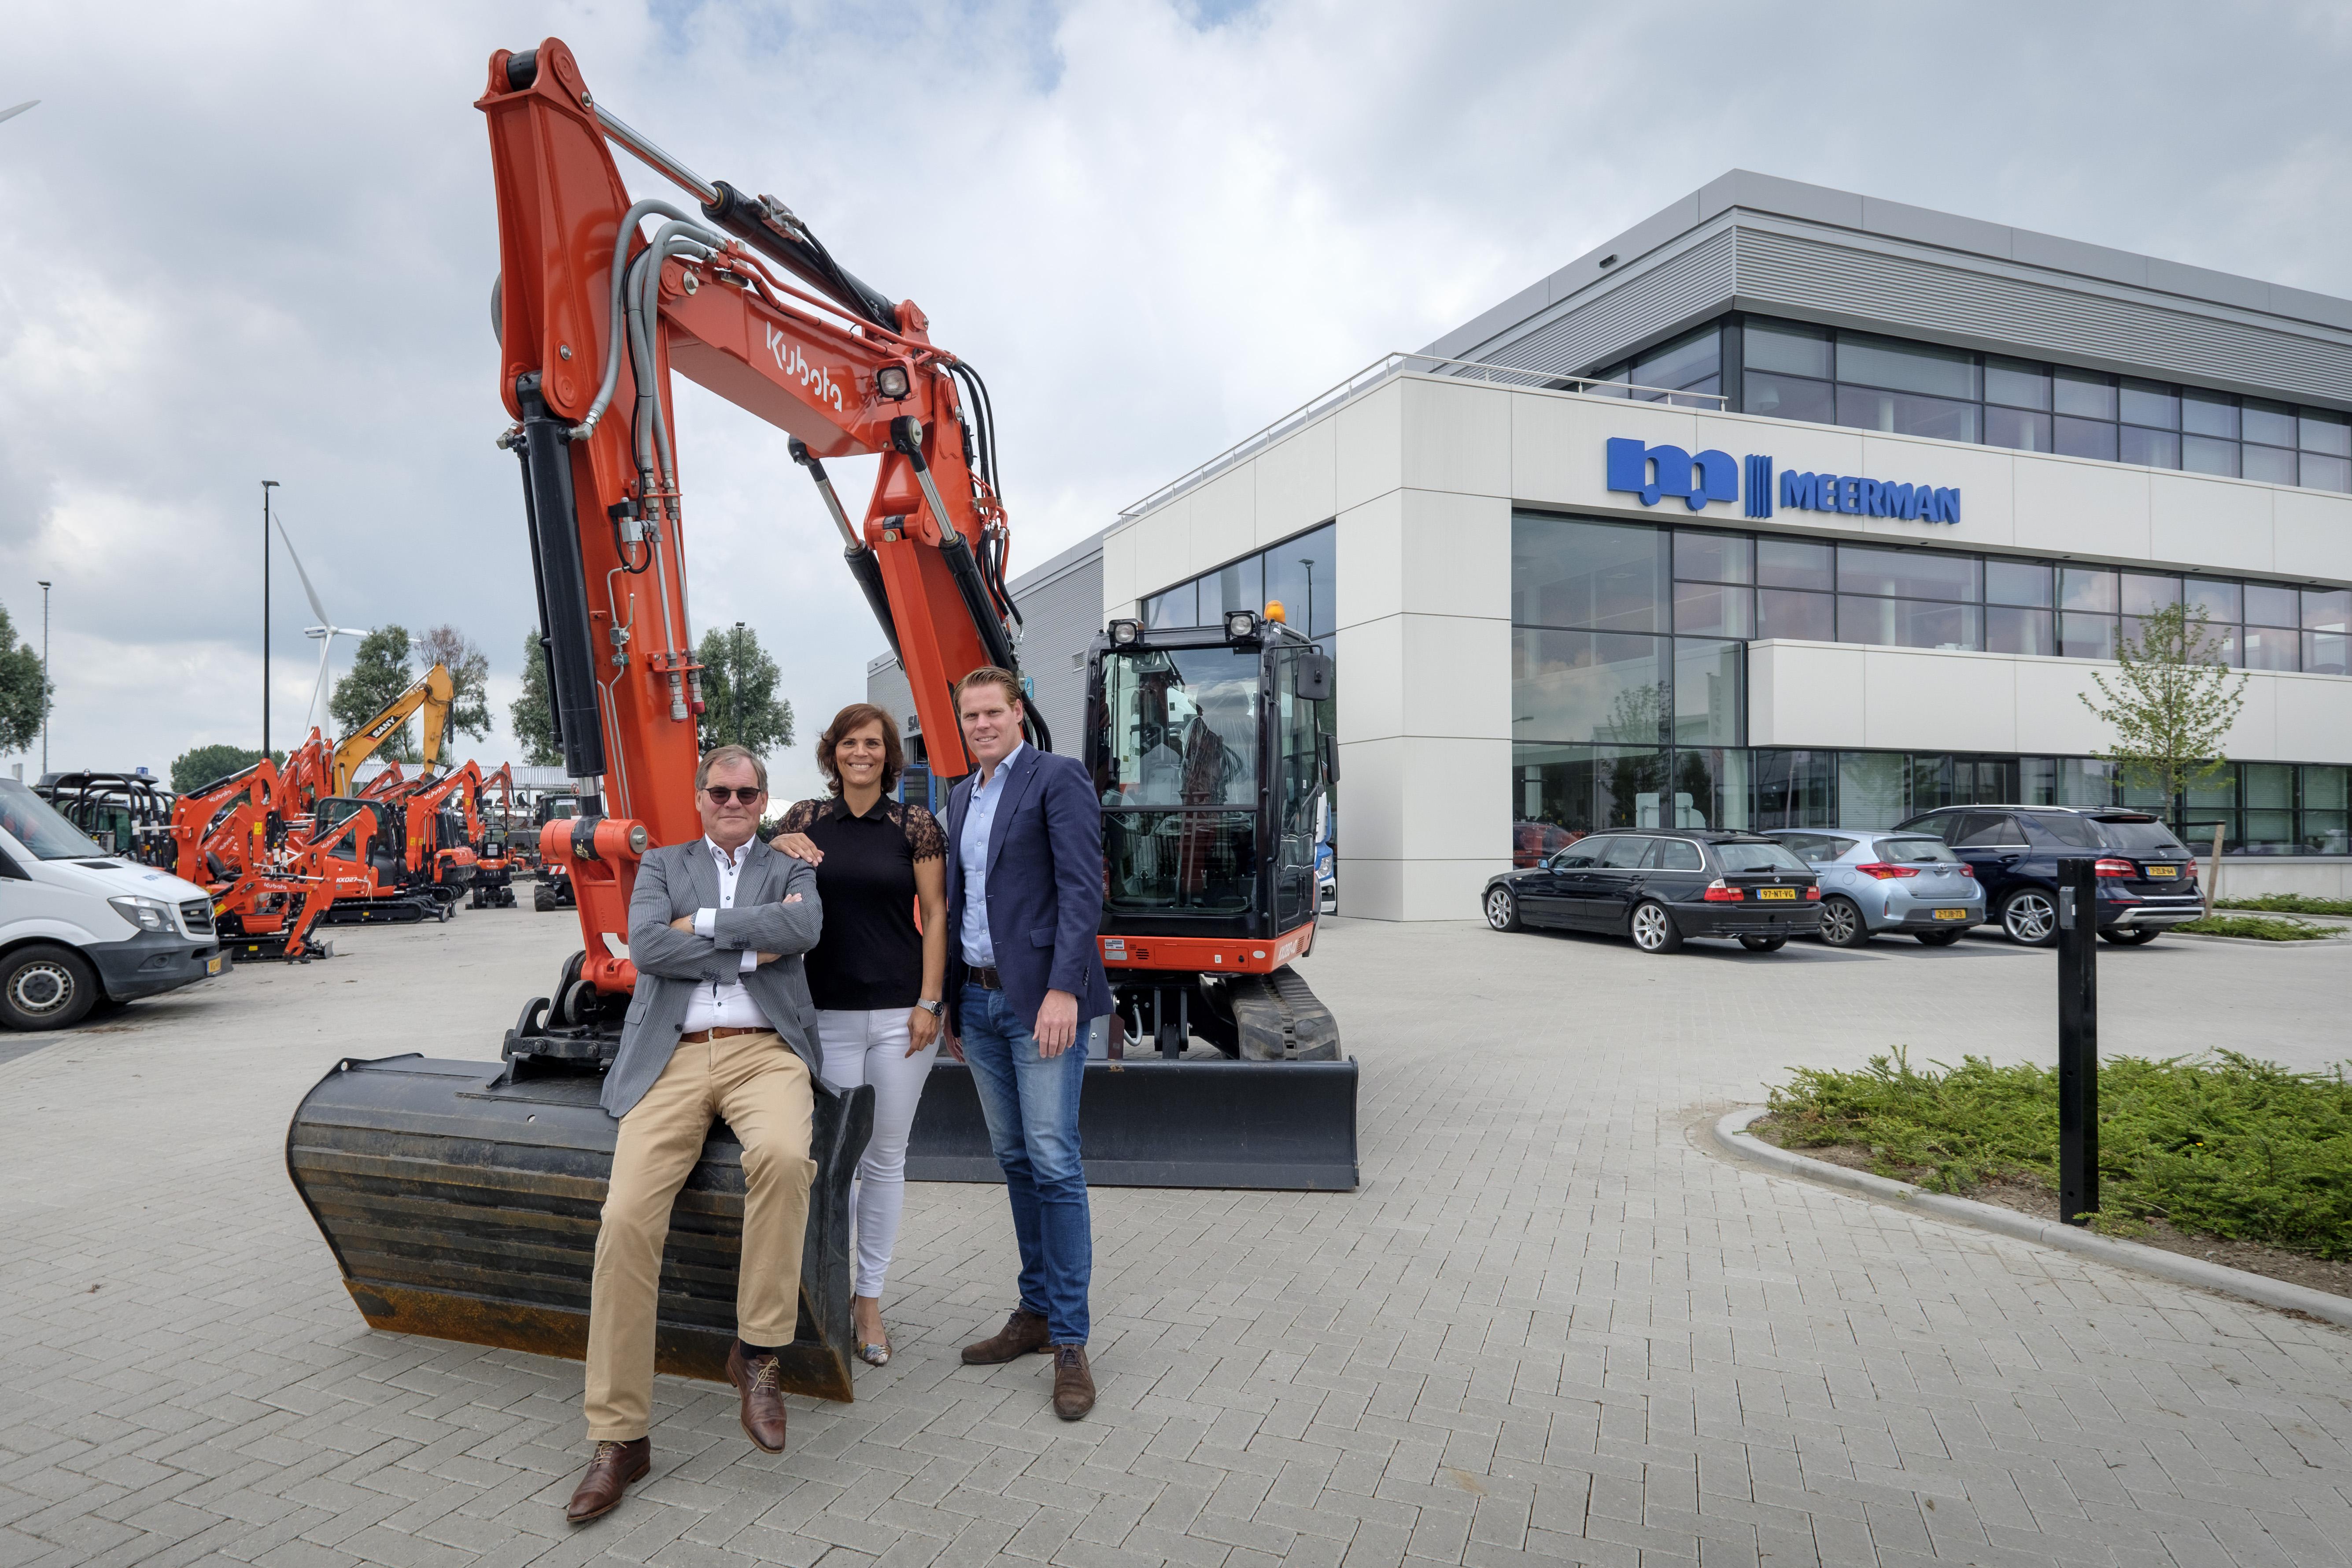 <p>Vader Lourens, dochter Ilse en zoon Koen Meerman (van links naar rechts) bij de nieuwbouw in Vlaardingen. Ilse en Koen zijn de derde generatie in het familiebedrijf. 'Groei isook een doel,maar weblijven welrealistisch.' </p>